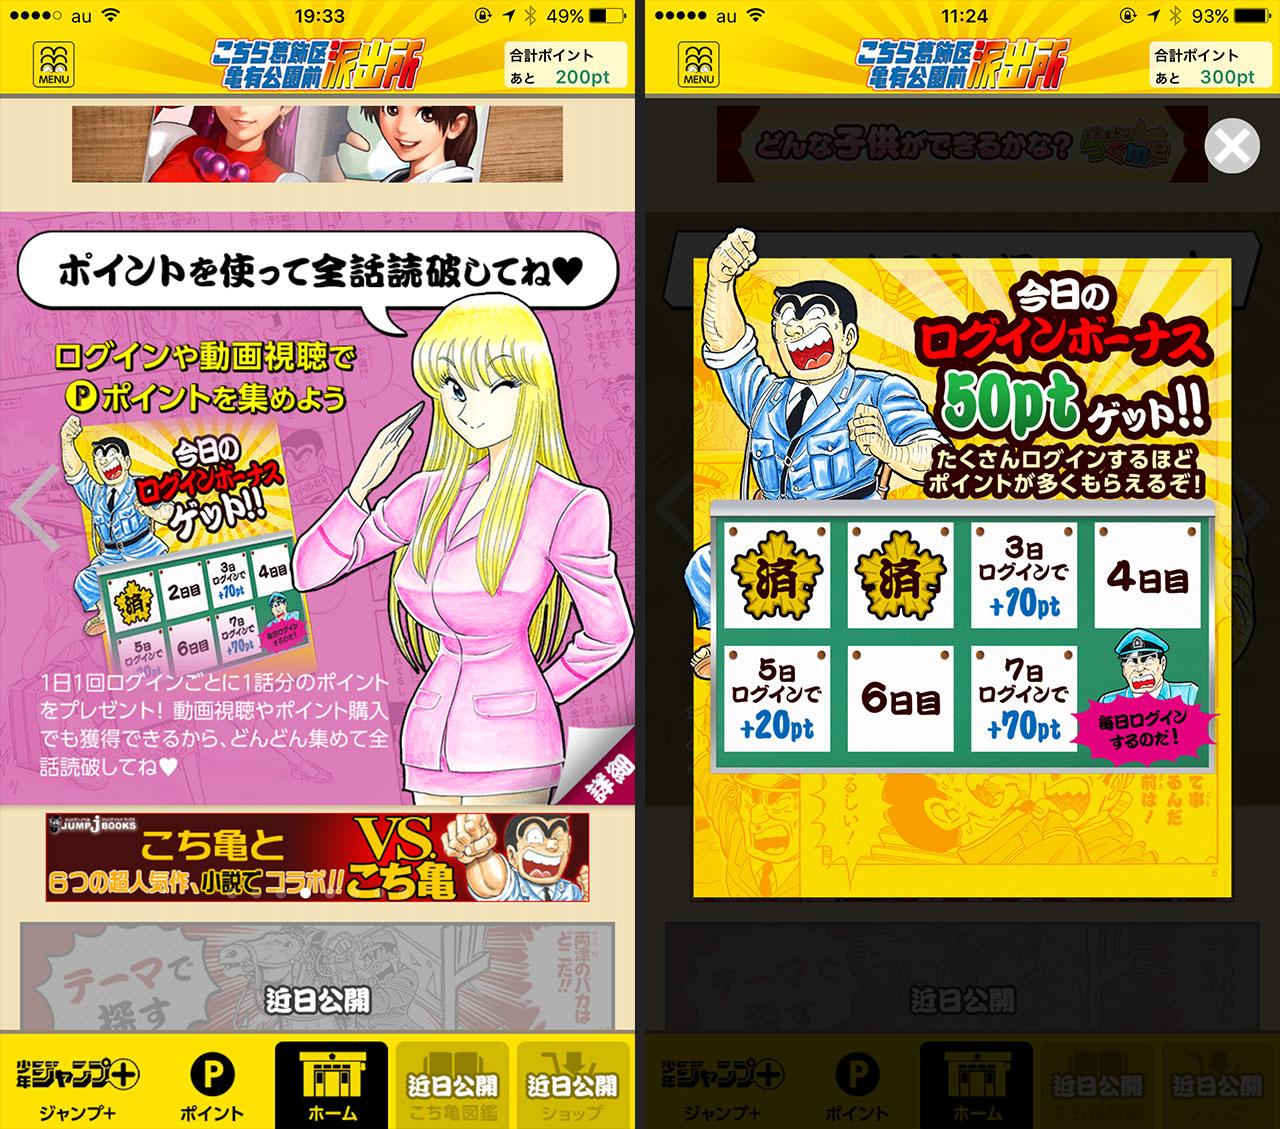 kochikame-app-02